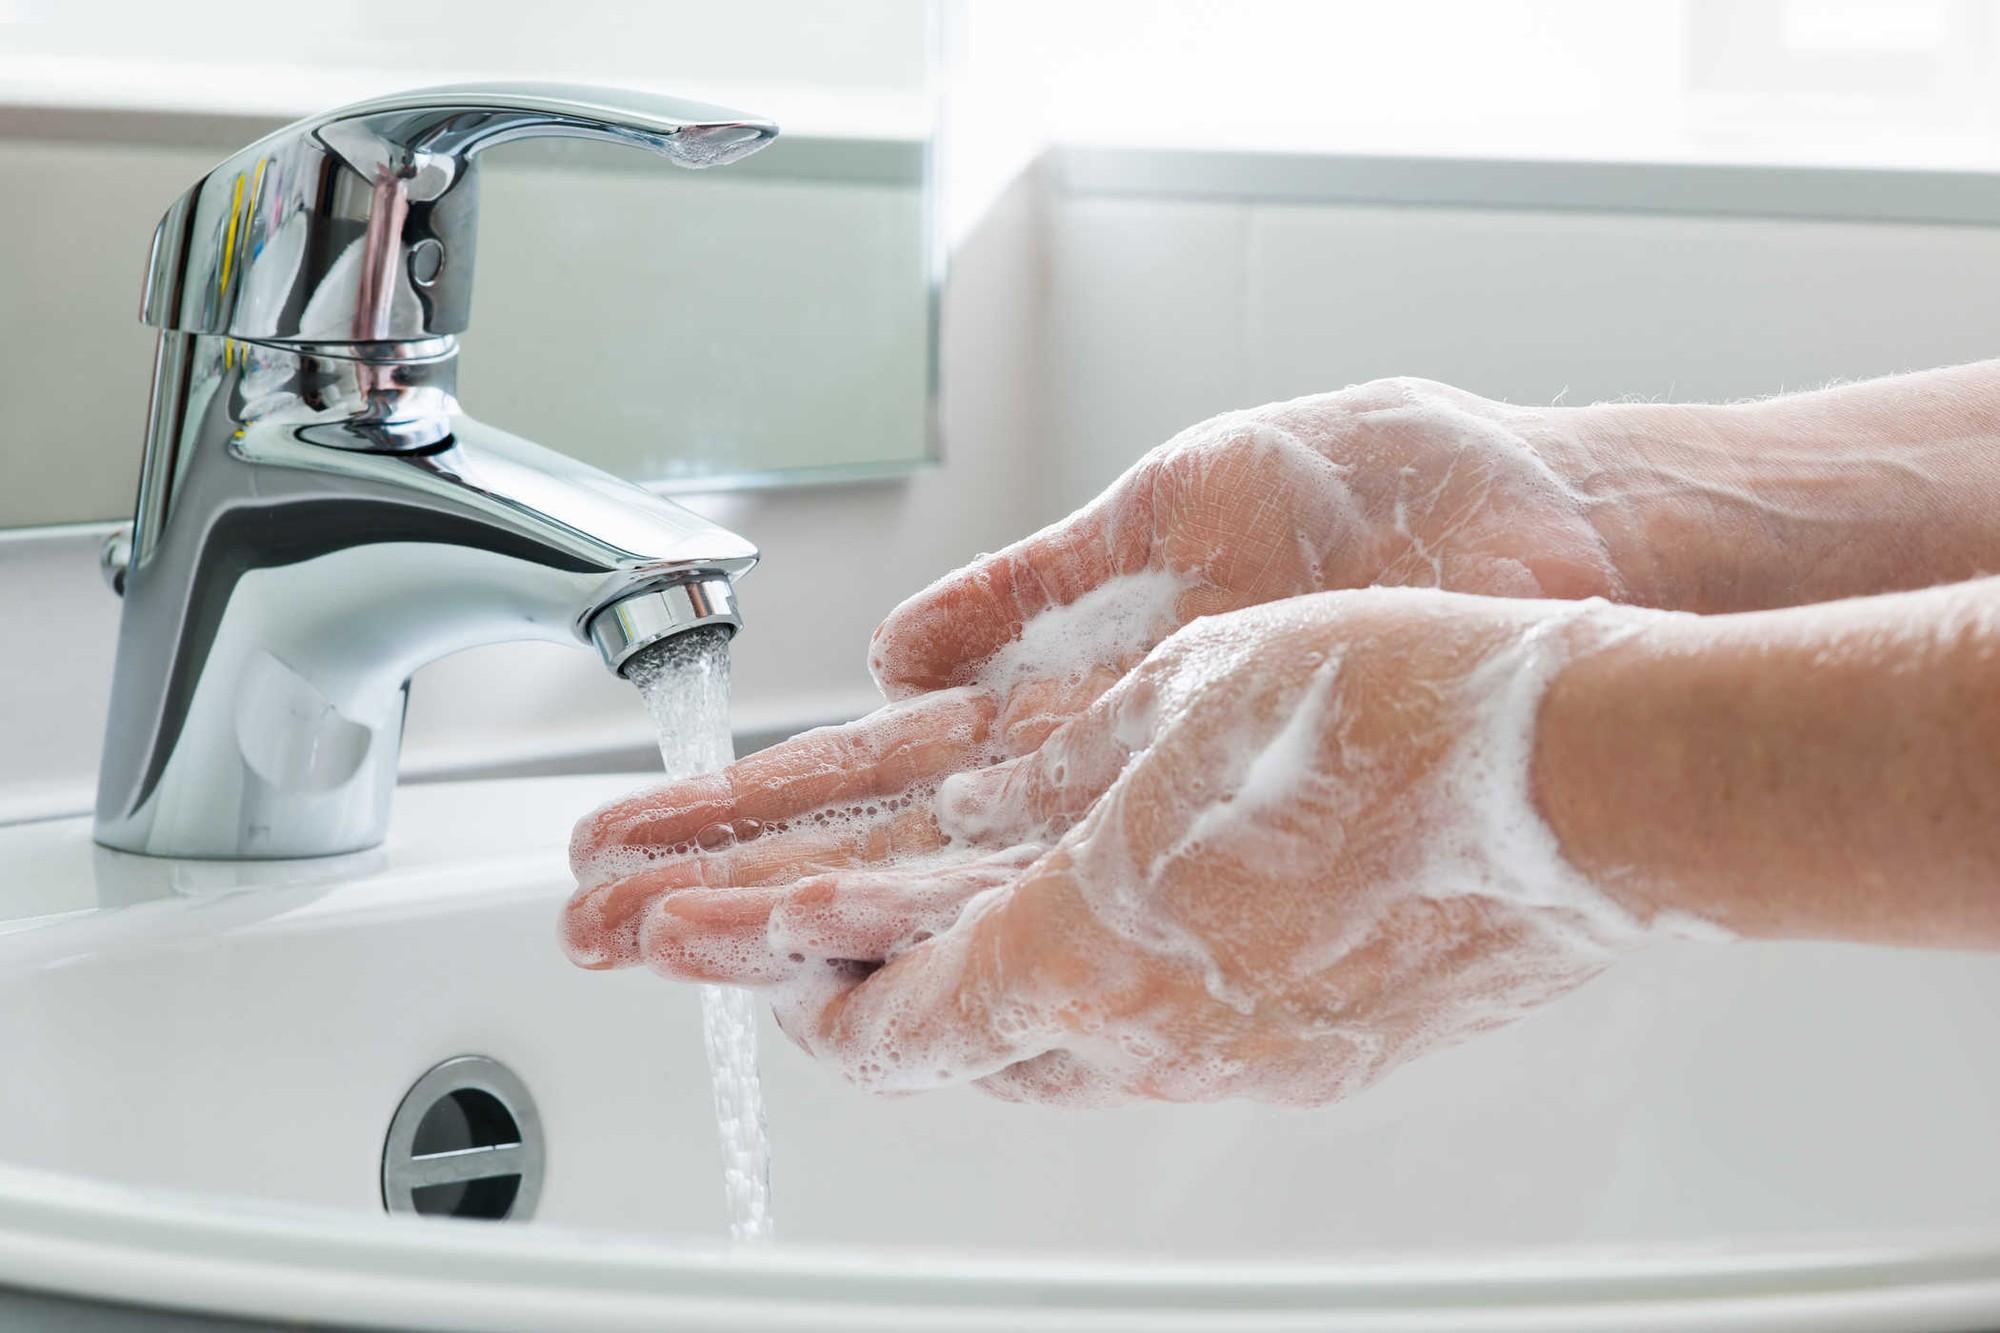 Dùng băng vệ sinh mà cứ mắc phải những thói quen này thì có thể gây ra vô số nguy hại tới sức khỏe - Ảnh 1.